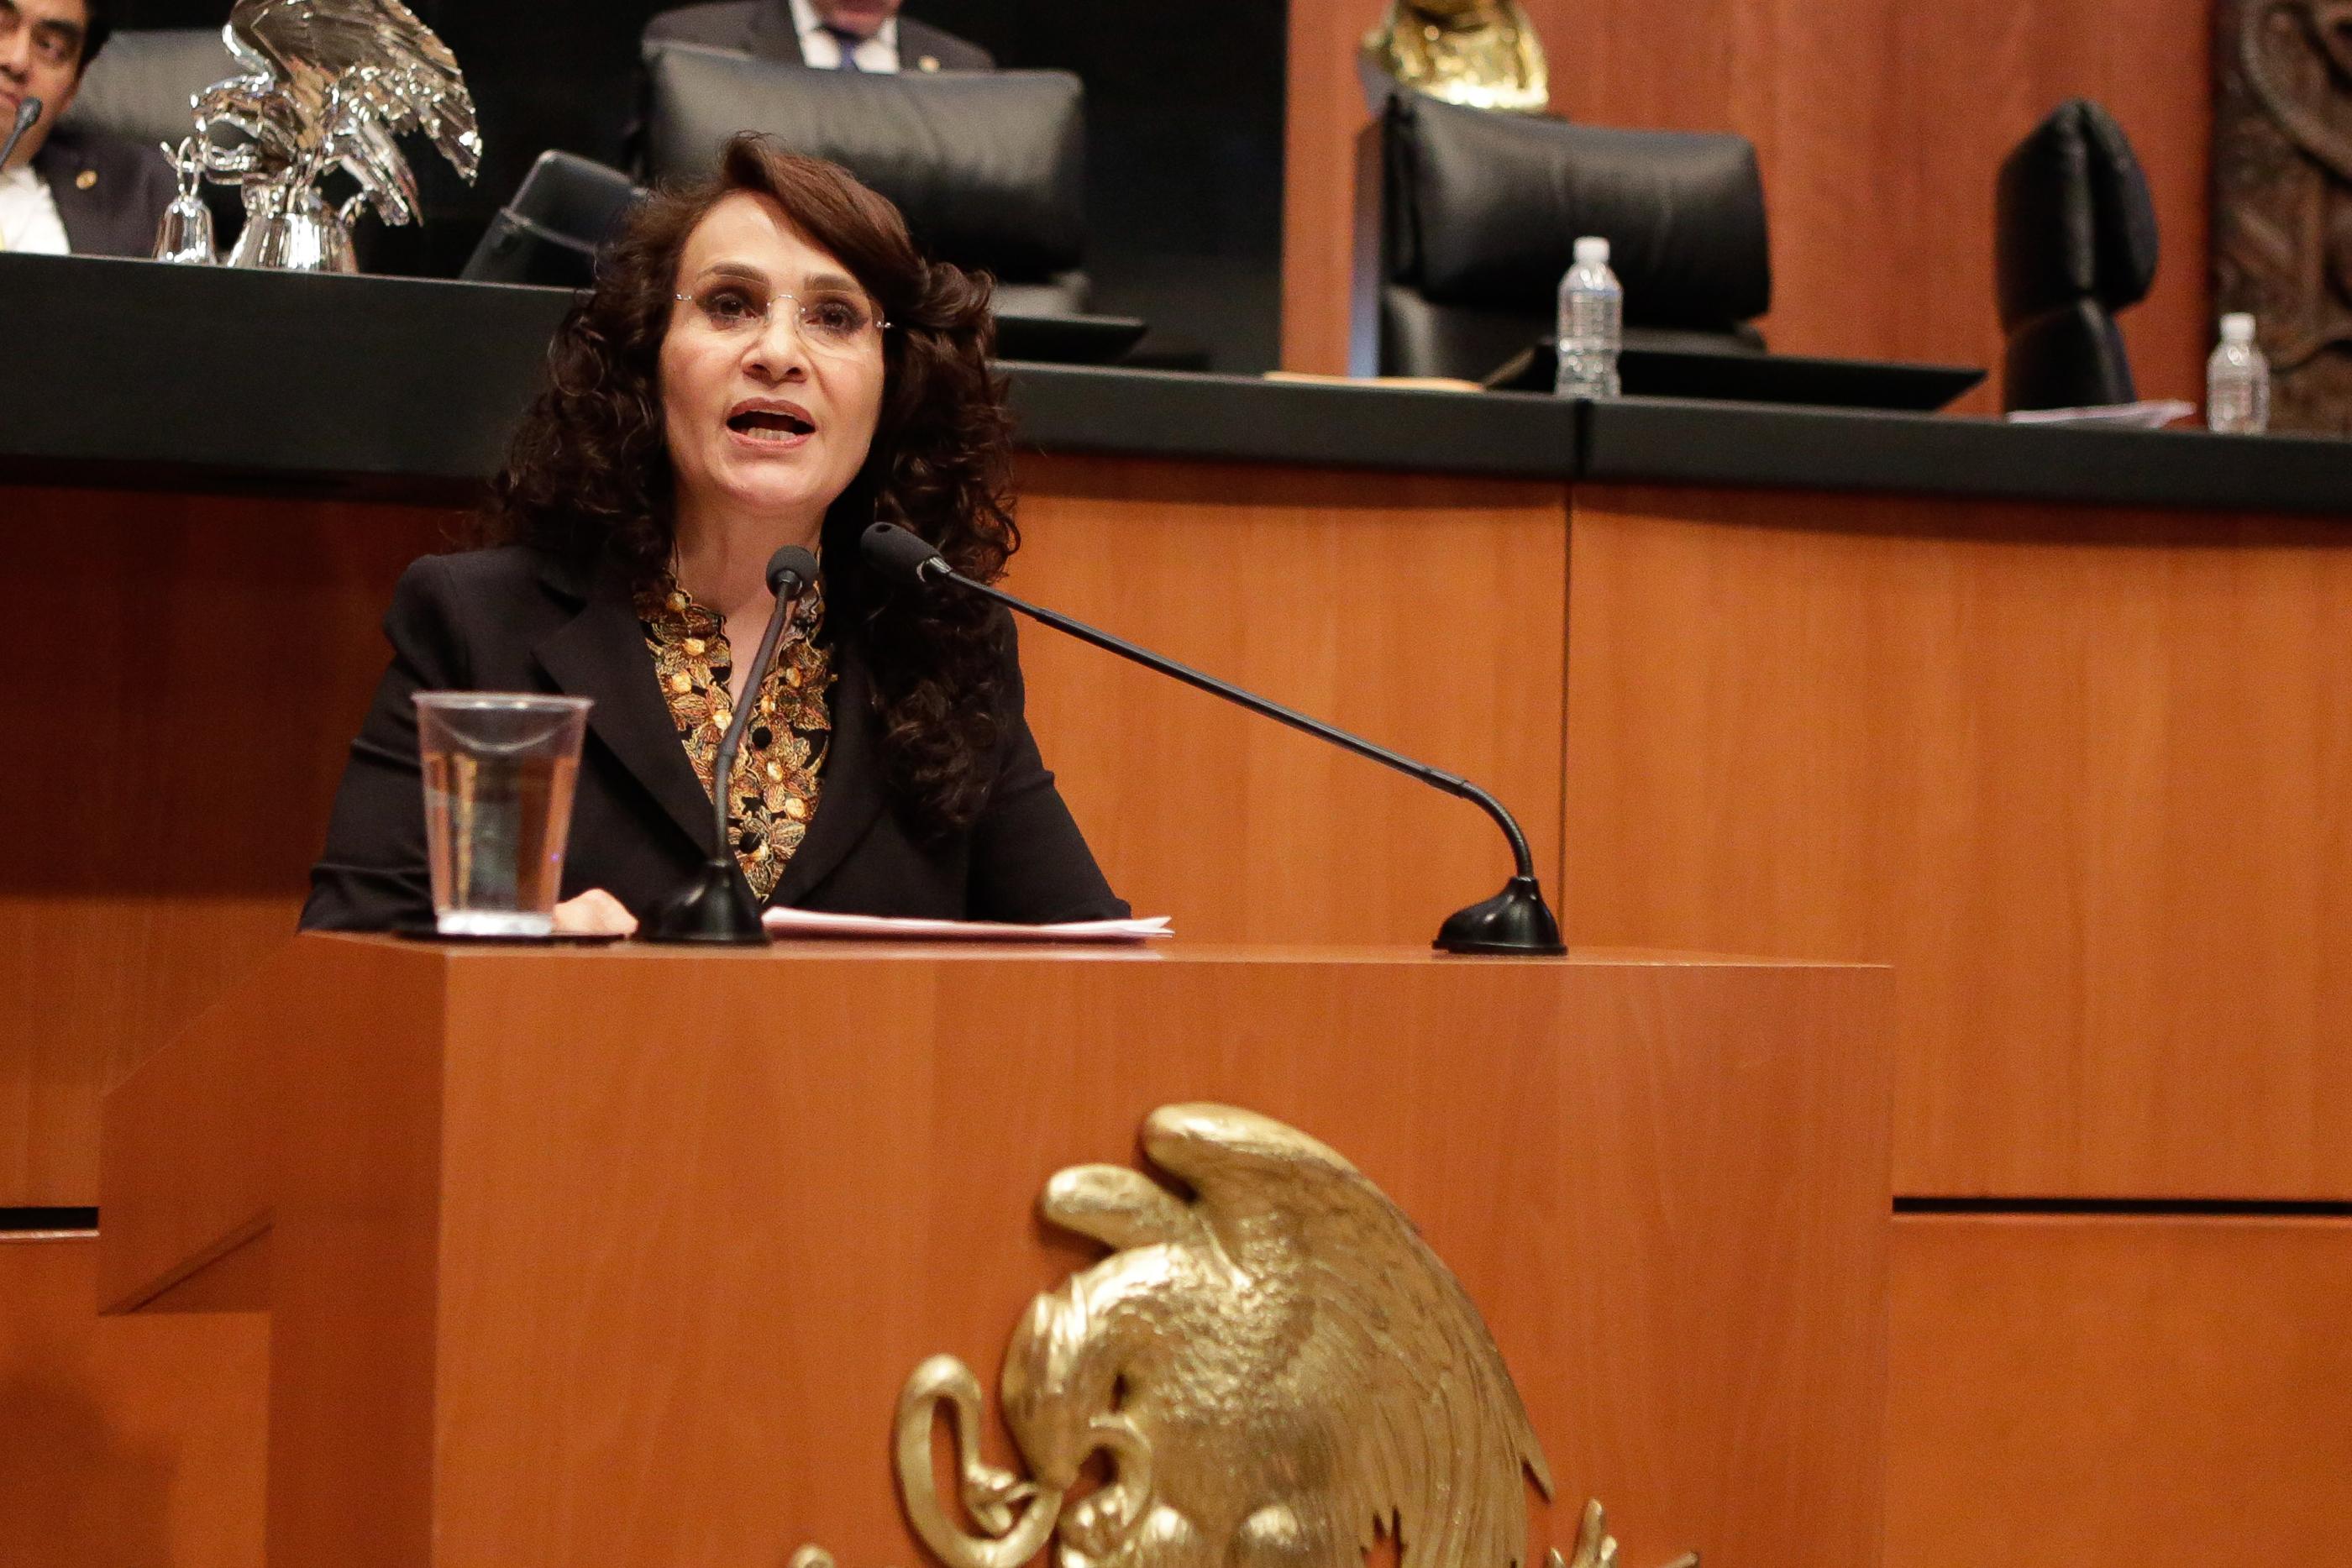 Sesi n ordinaria del 28 de abril de 2015 for Blanca lilia romero cenipalma